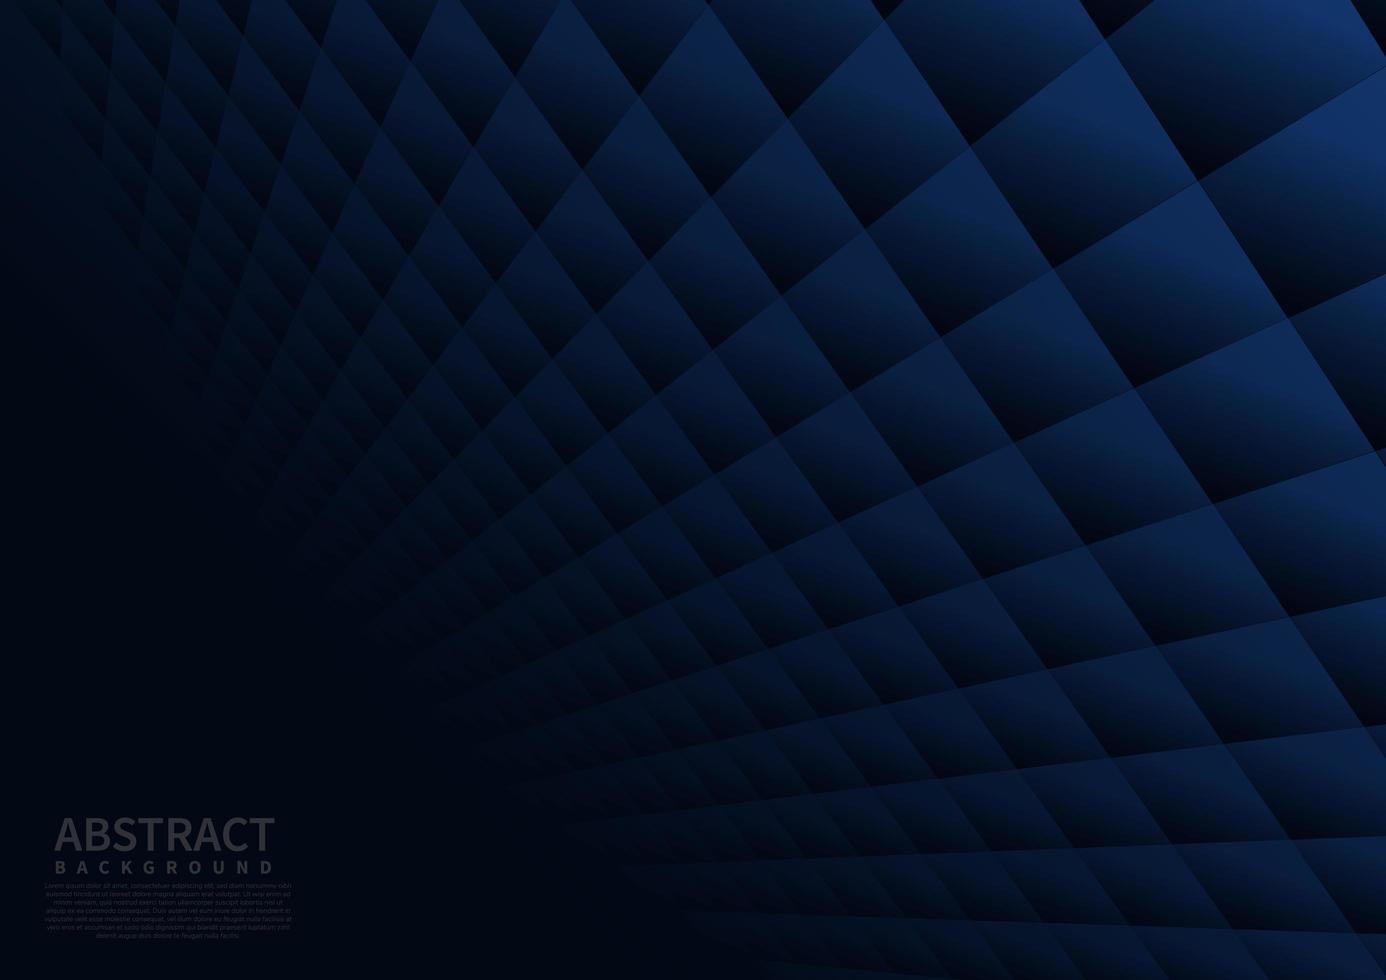 mörkblå abstrakt geometrisk fyrkantig mönsterbakgrund vektor